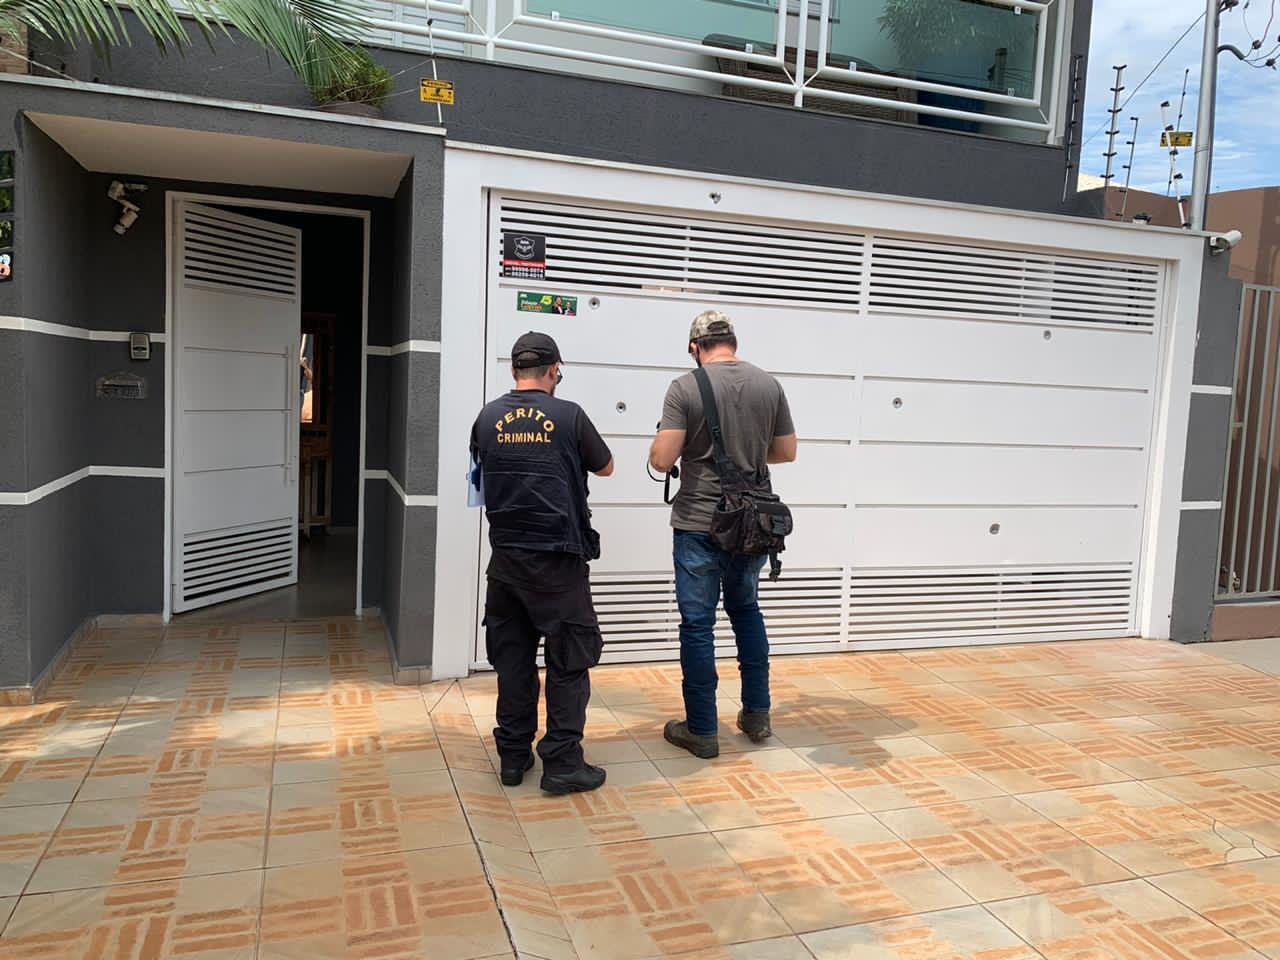 Peritos analisam tiros no portão da residência de Fabiana Galvão (MDB), candidata à prefeitura de Ribas do Rio Pardo (MT): atentado na porta de casa (Foto: Divulgação)